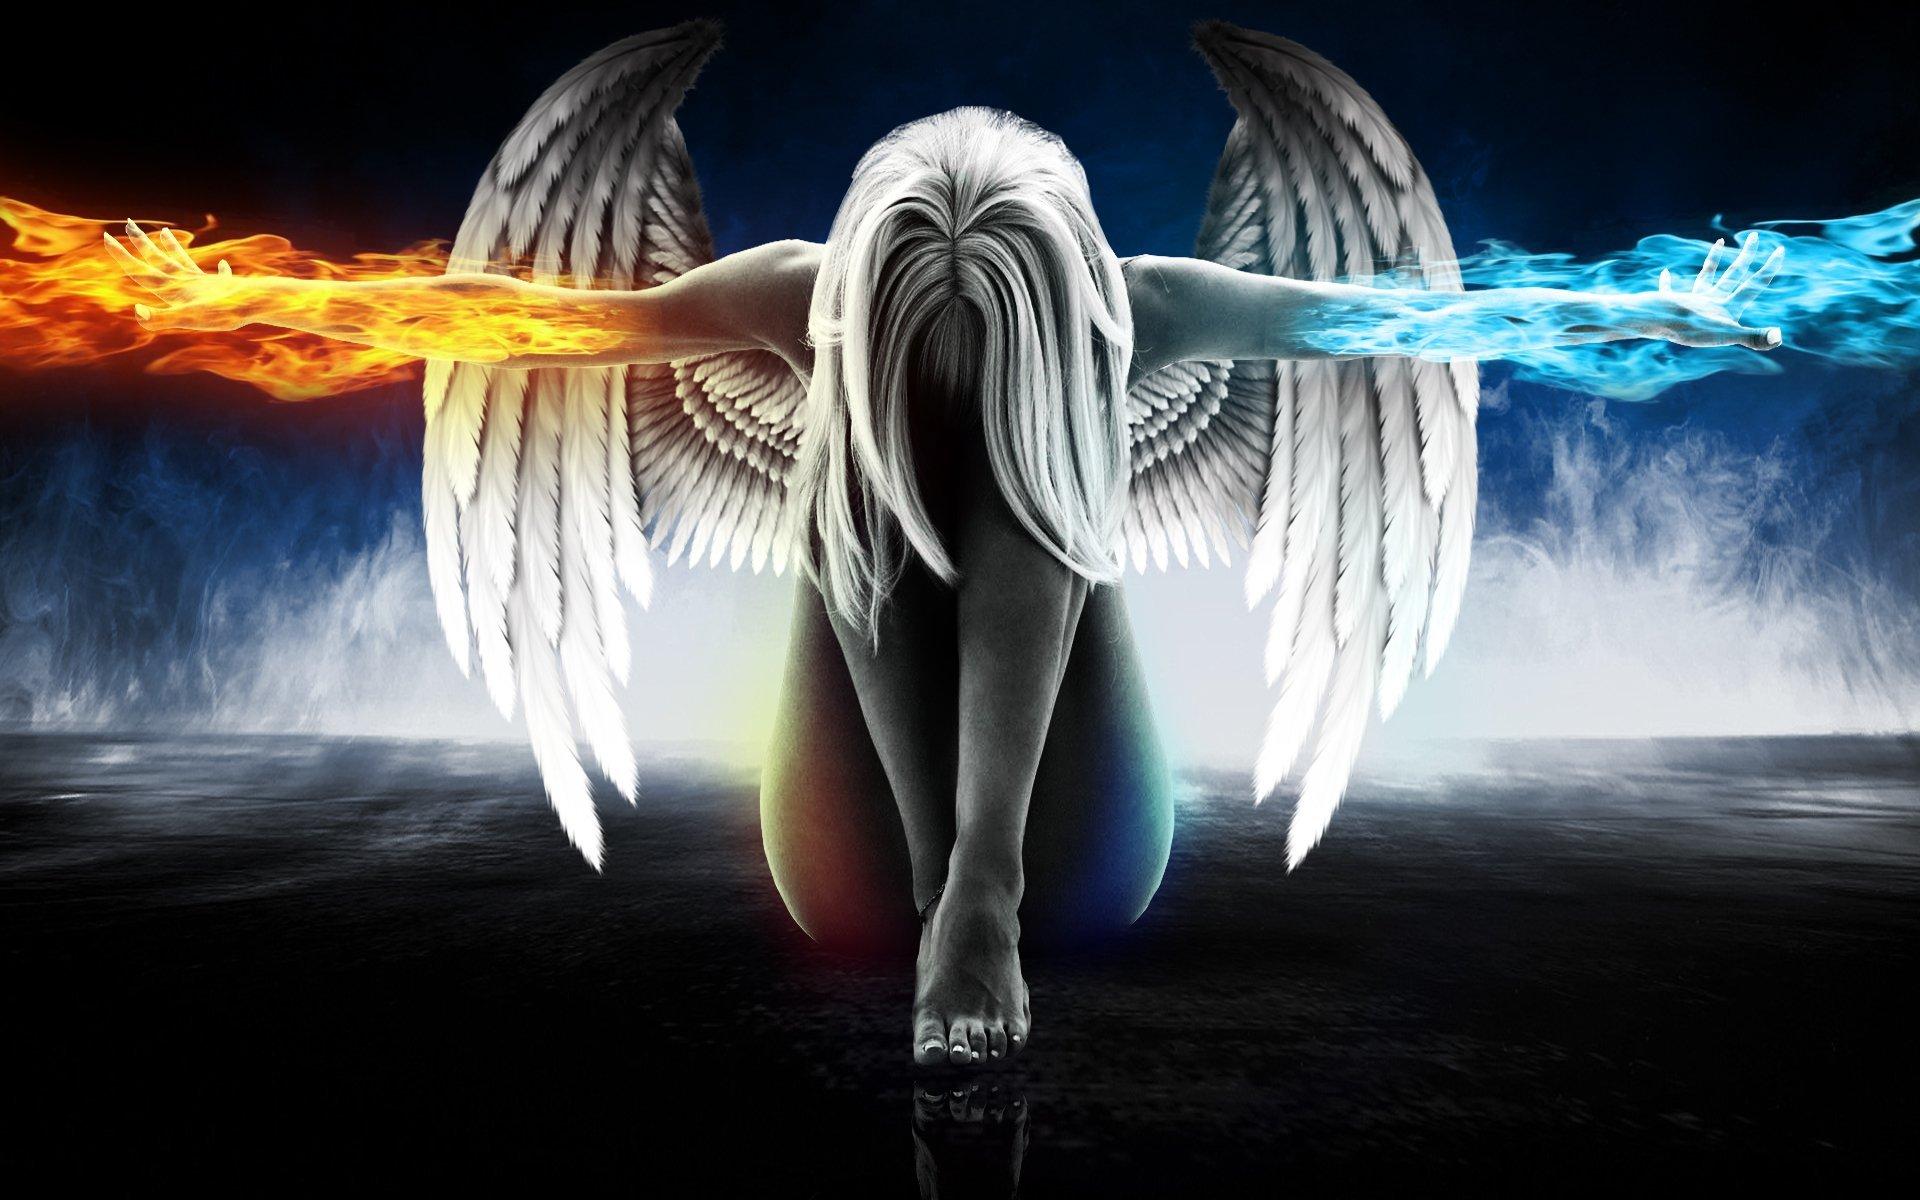 fond d écran d ange